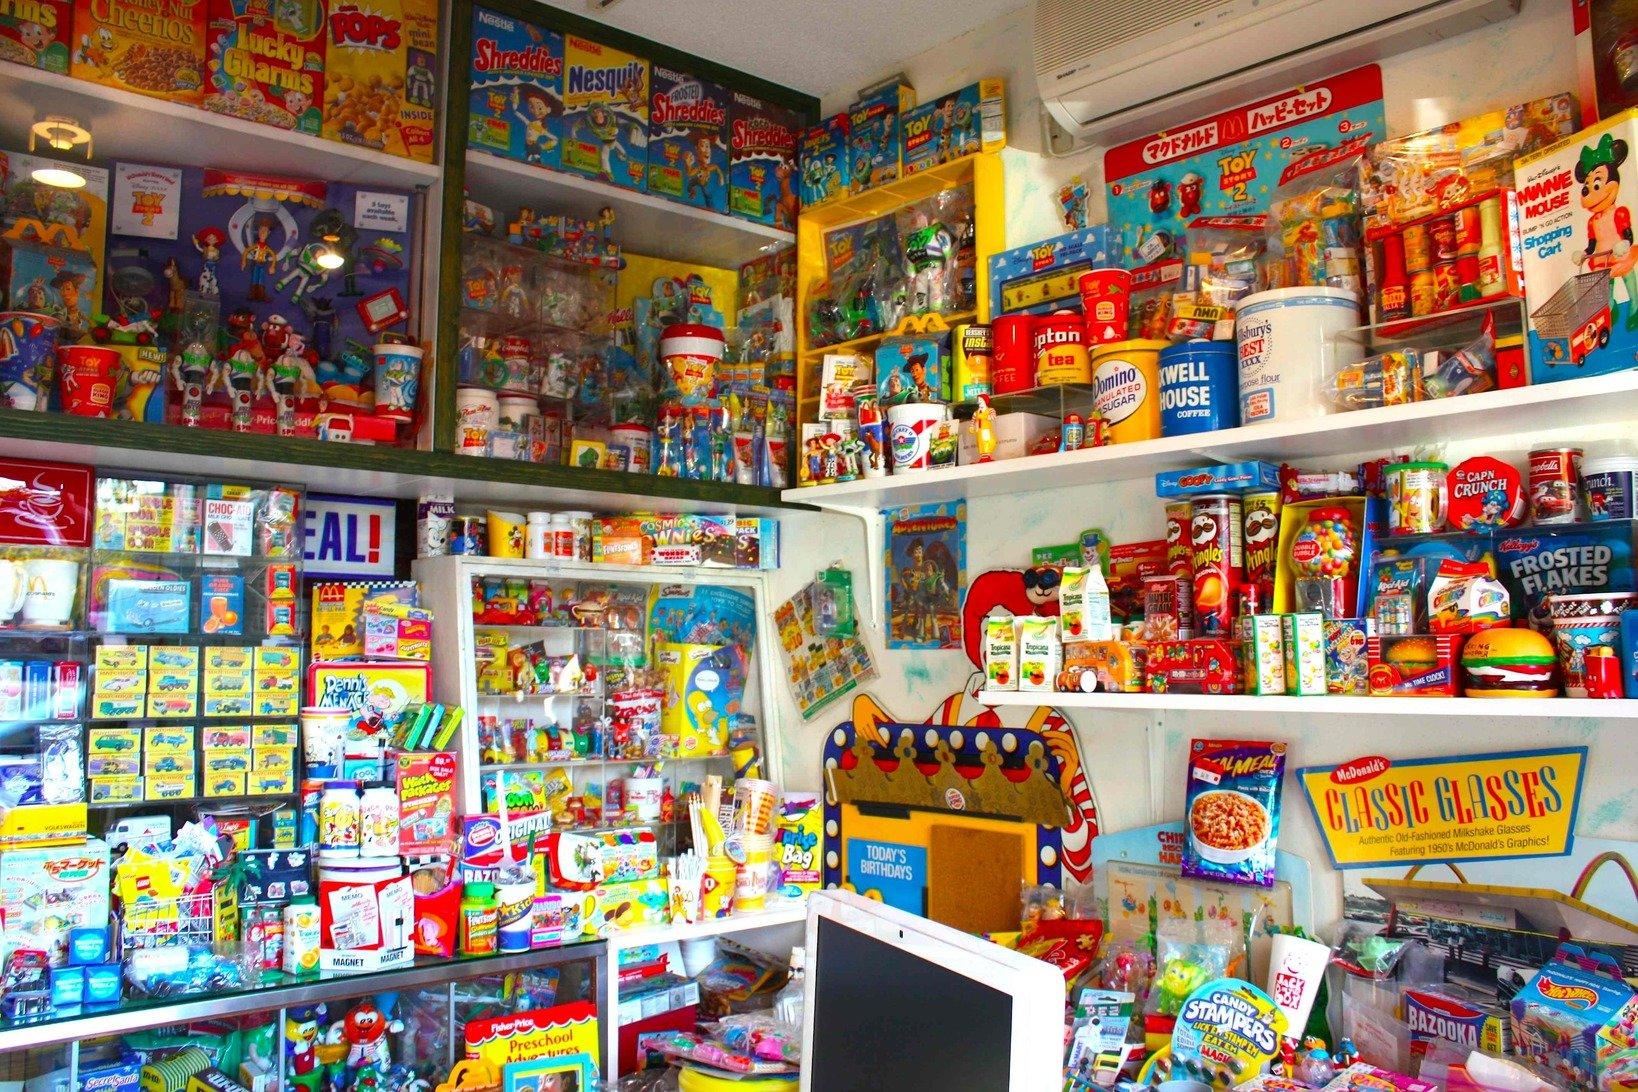 こちらはマックけんいちさんの自宅ガレージを改造して作られた、コレクションスペース。マクドナルド以外のコレクションが所狭しと並べられている。